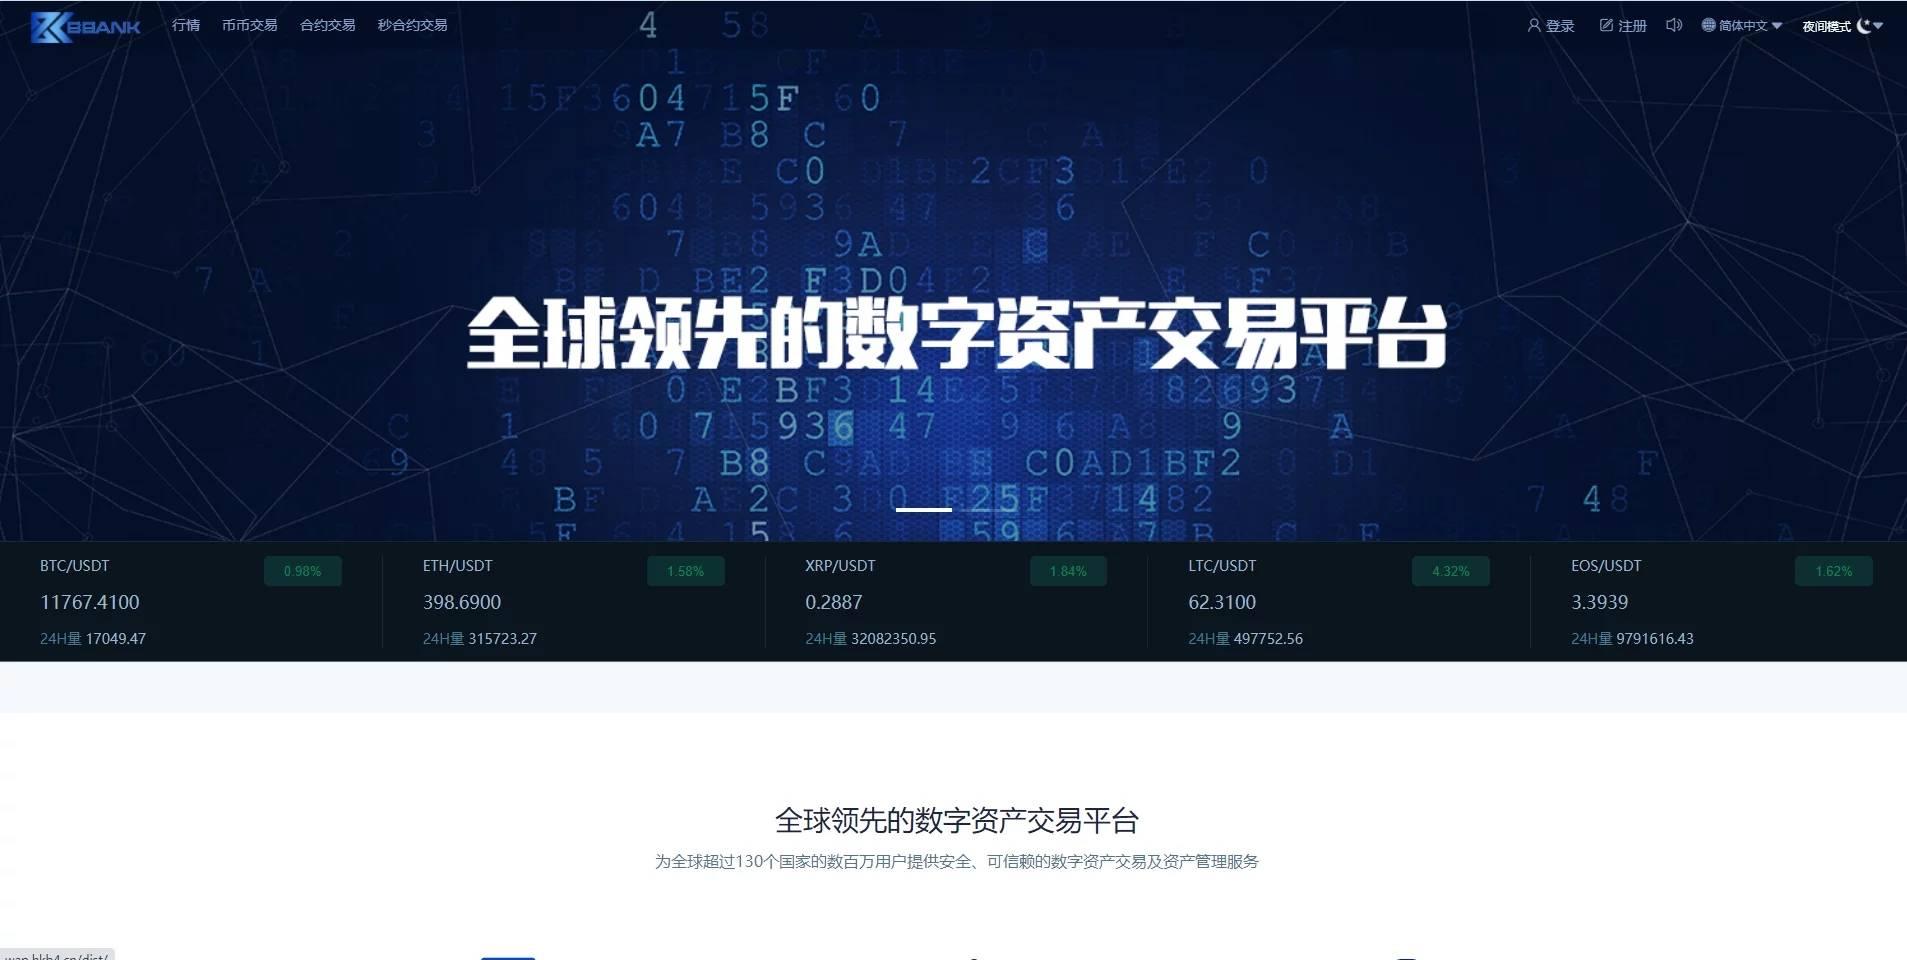 多语种数字资产交易所虚拟货币交易平台 源码下载